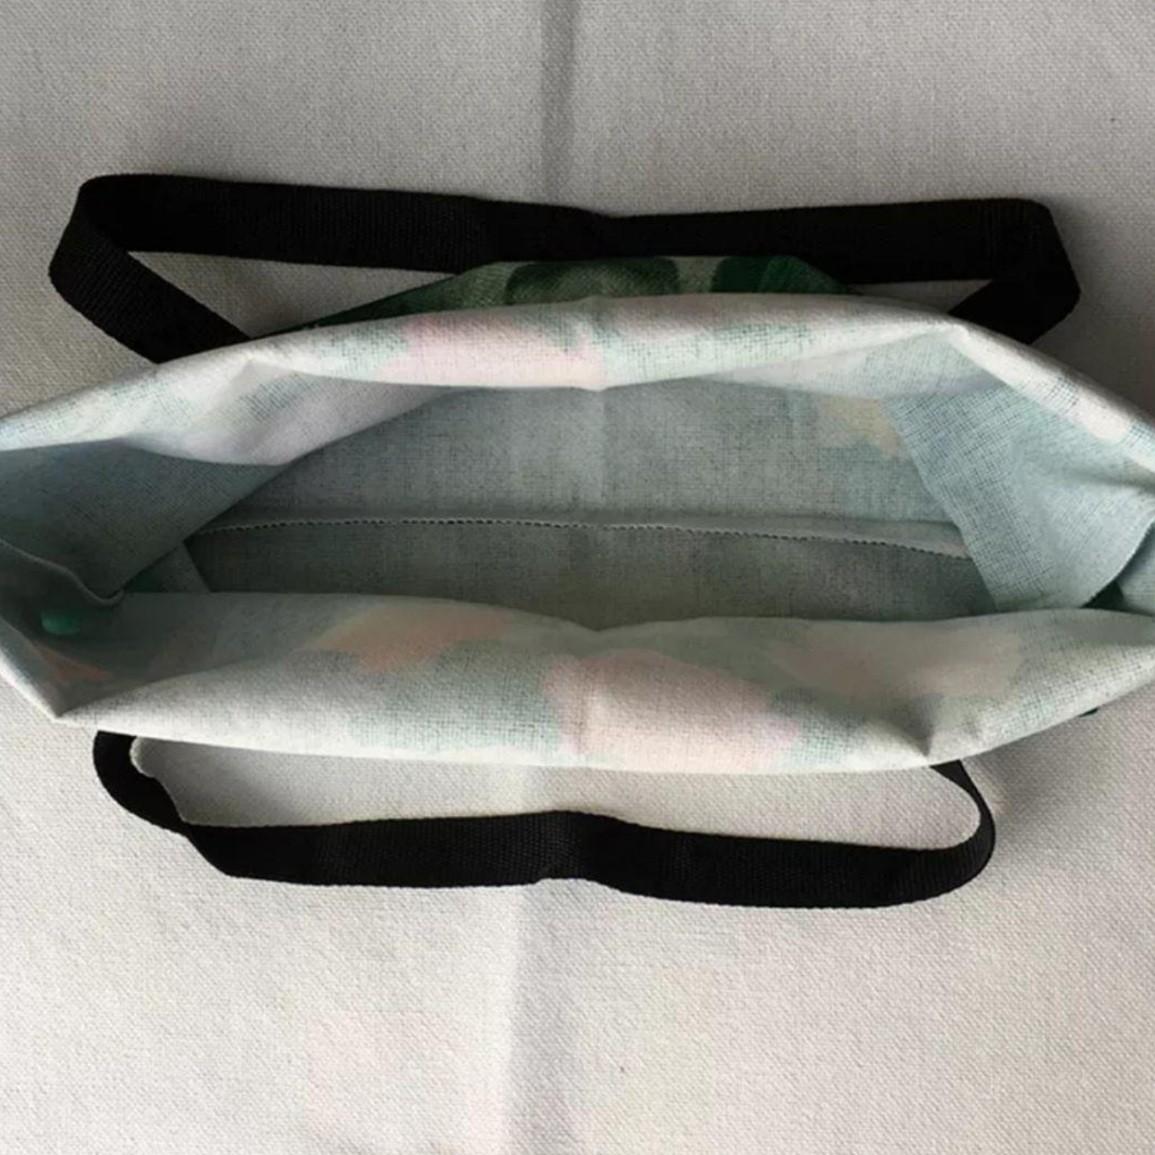 トートバッグ ショッピングバッグ エコバッグ マザーズバッグ 大容量 収納 持ち運び キャンバスバッグ ねこ 猫 アート クリムト